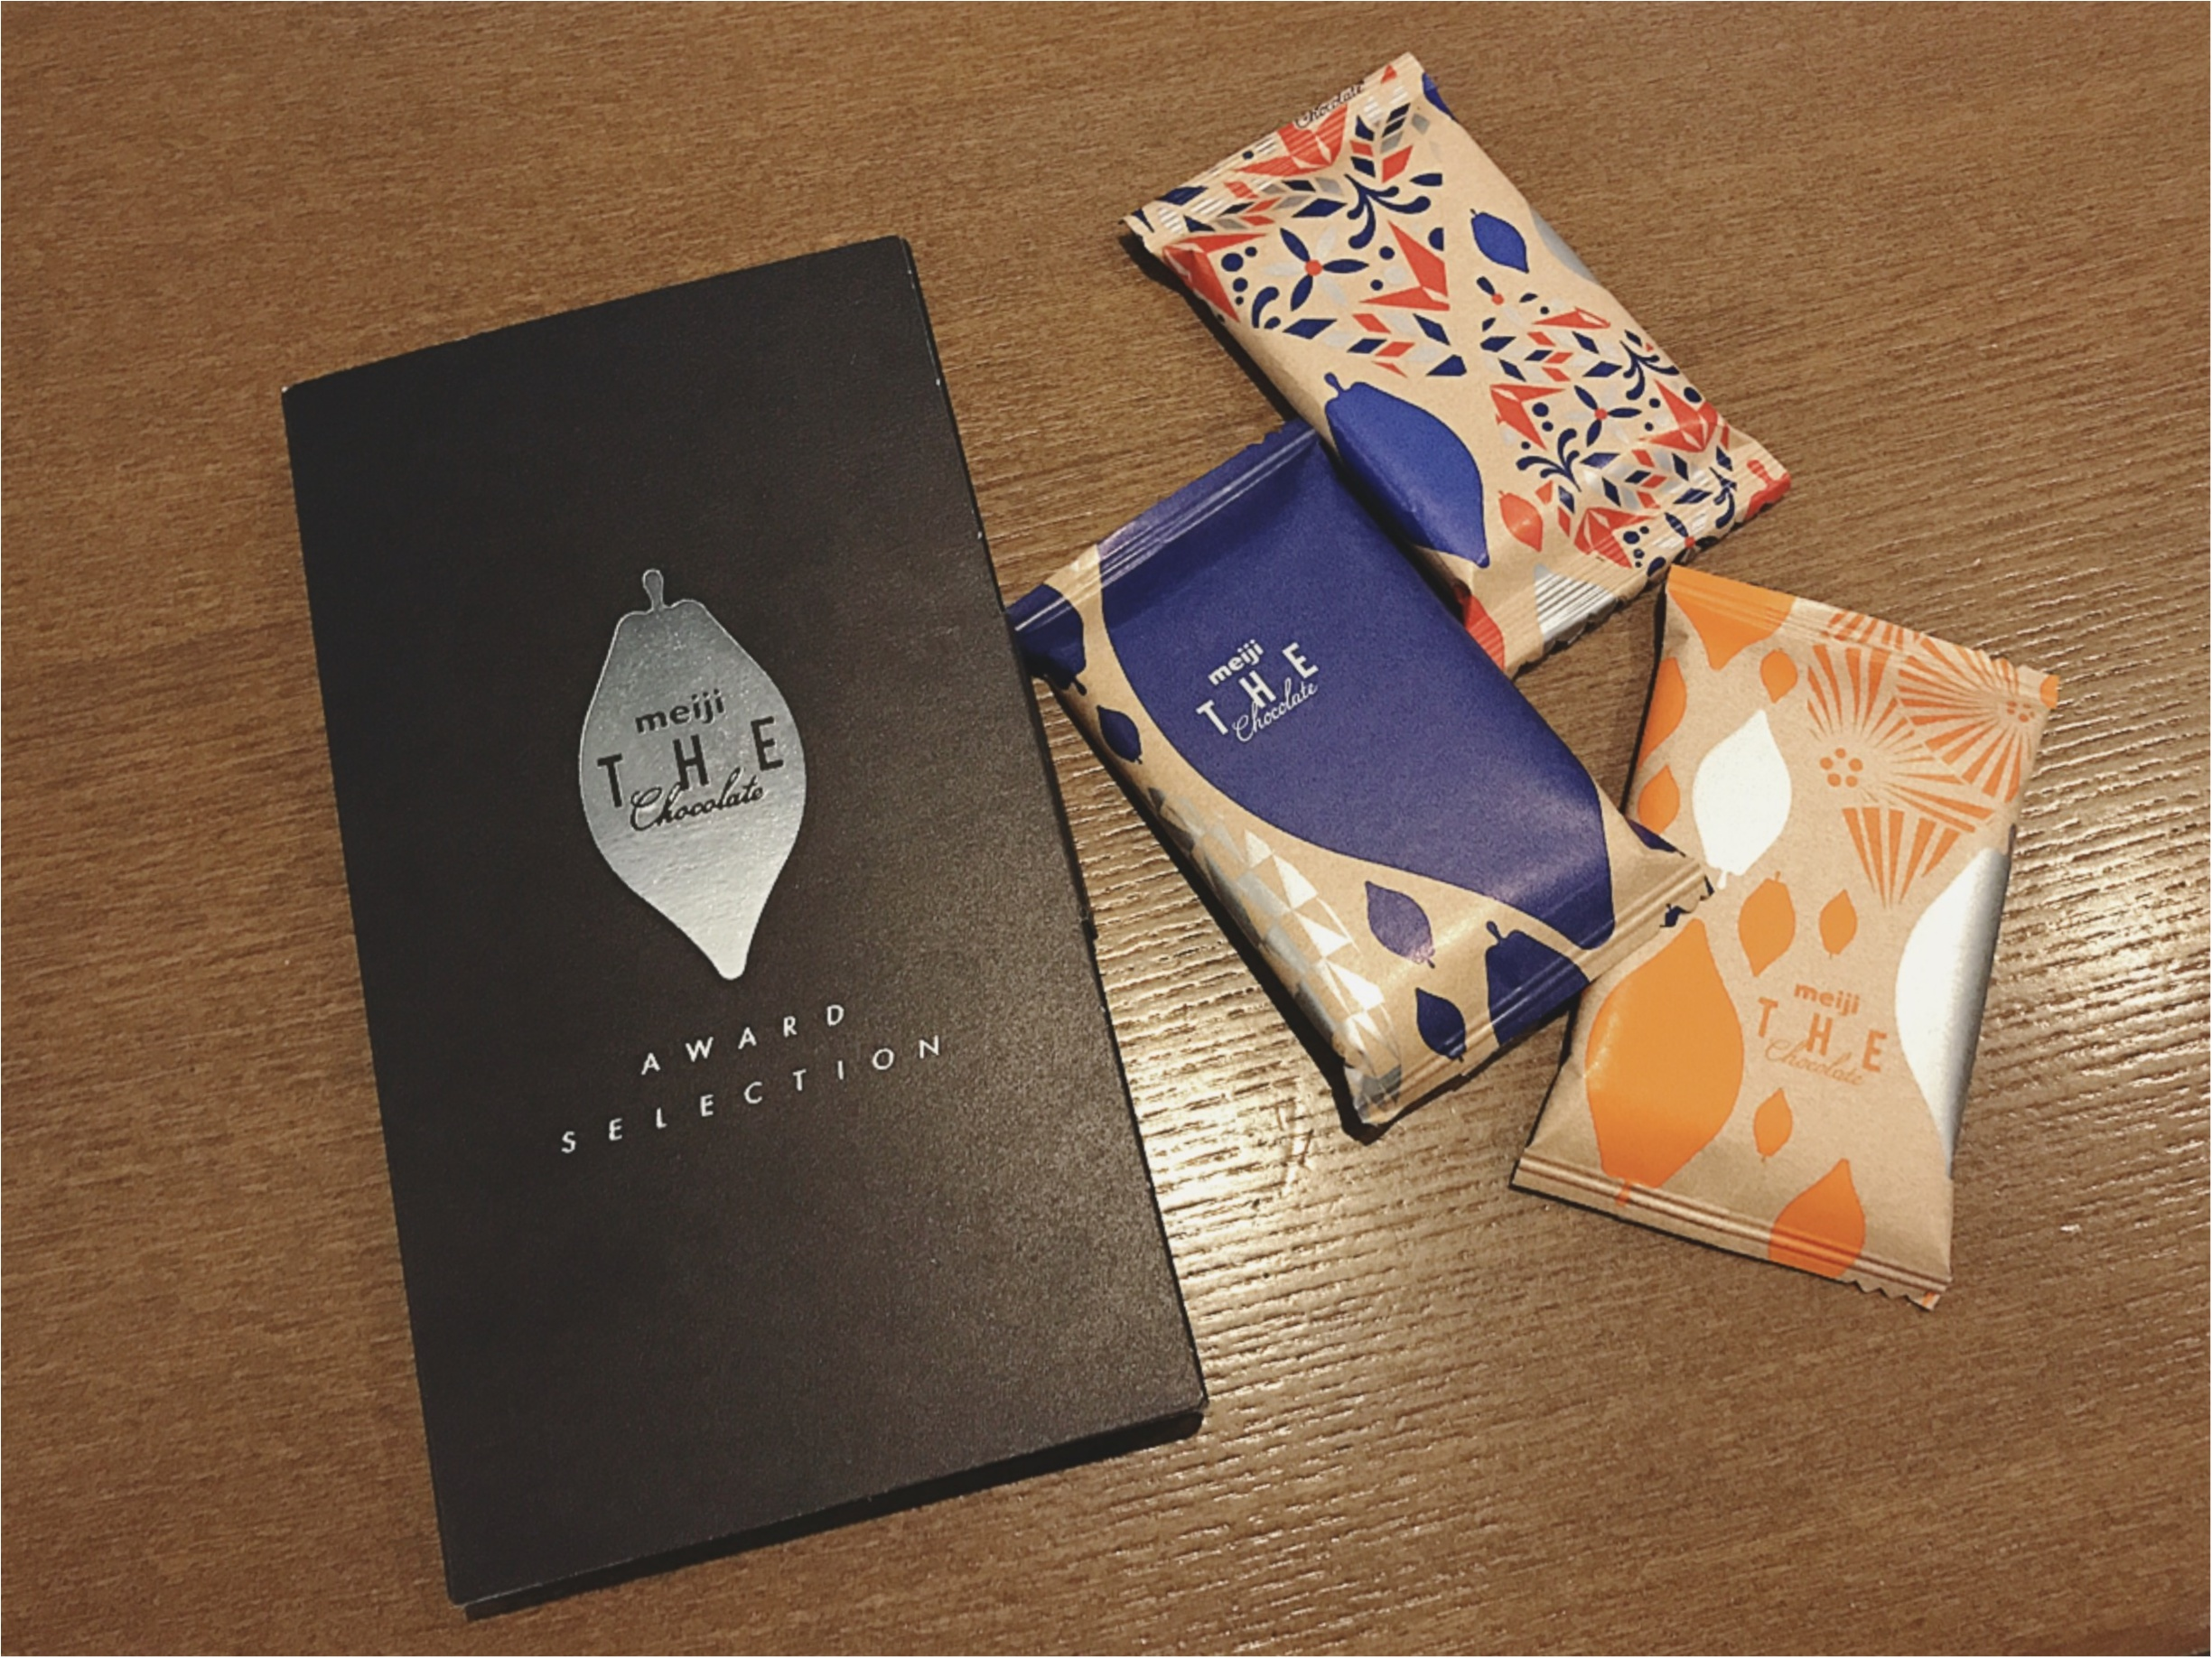 大人気《meiji THE chocolate》のプレミアムパッケージが登場!その豪華すぎる中身をご紹介!!_2